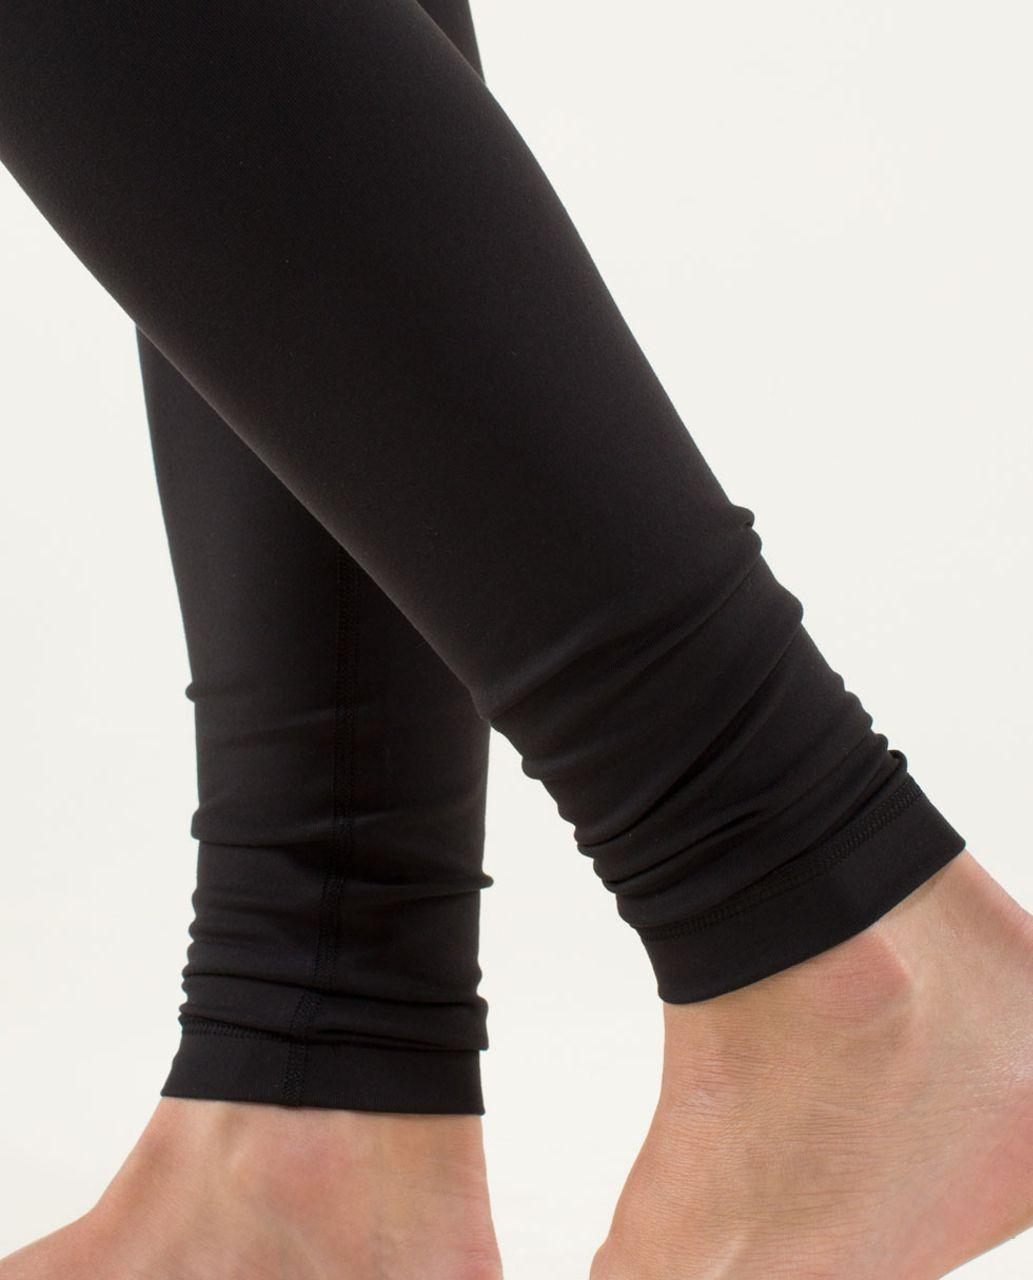 Lululemon Wunder Under Pant *Full-On Luon - Black